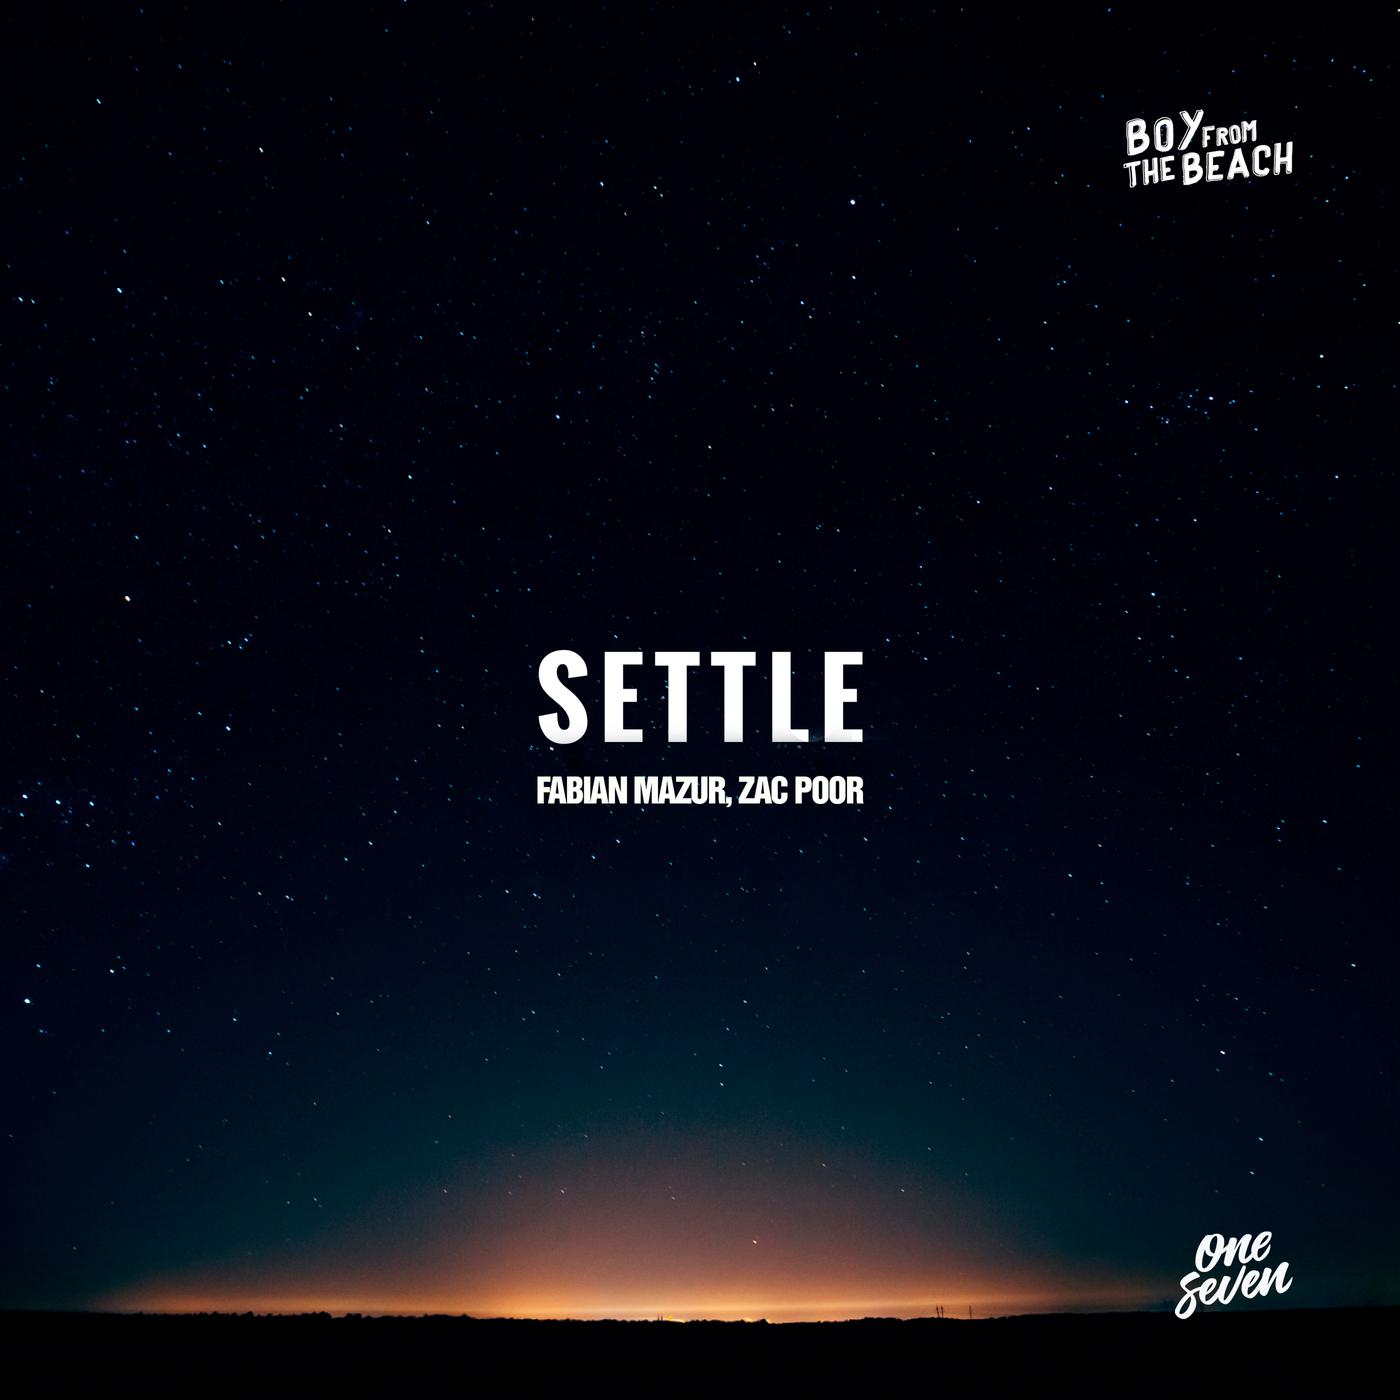 Settle - Fabian Mazur